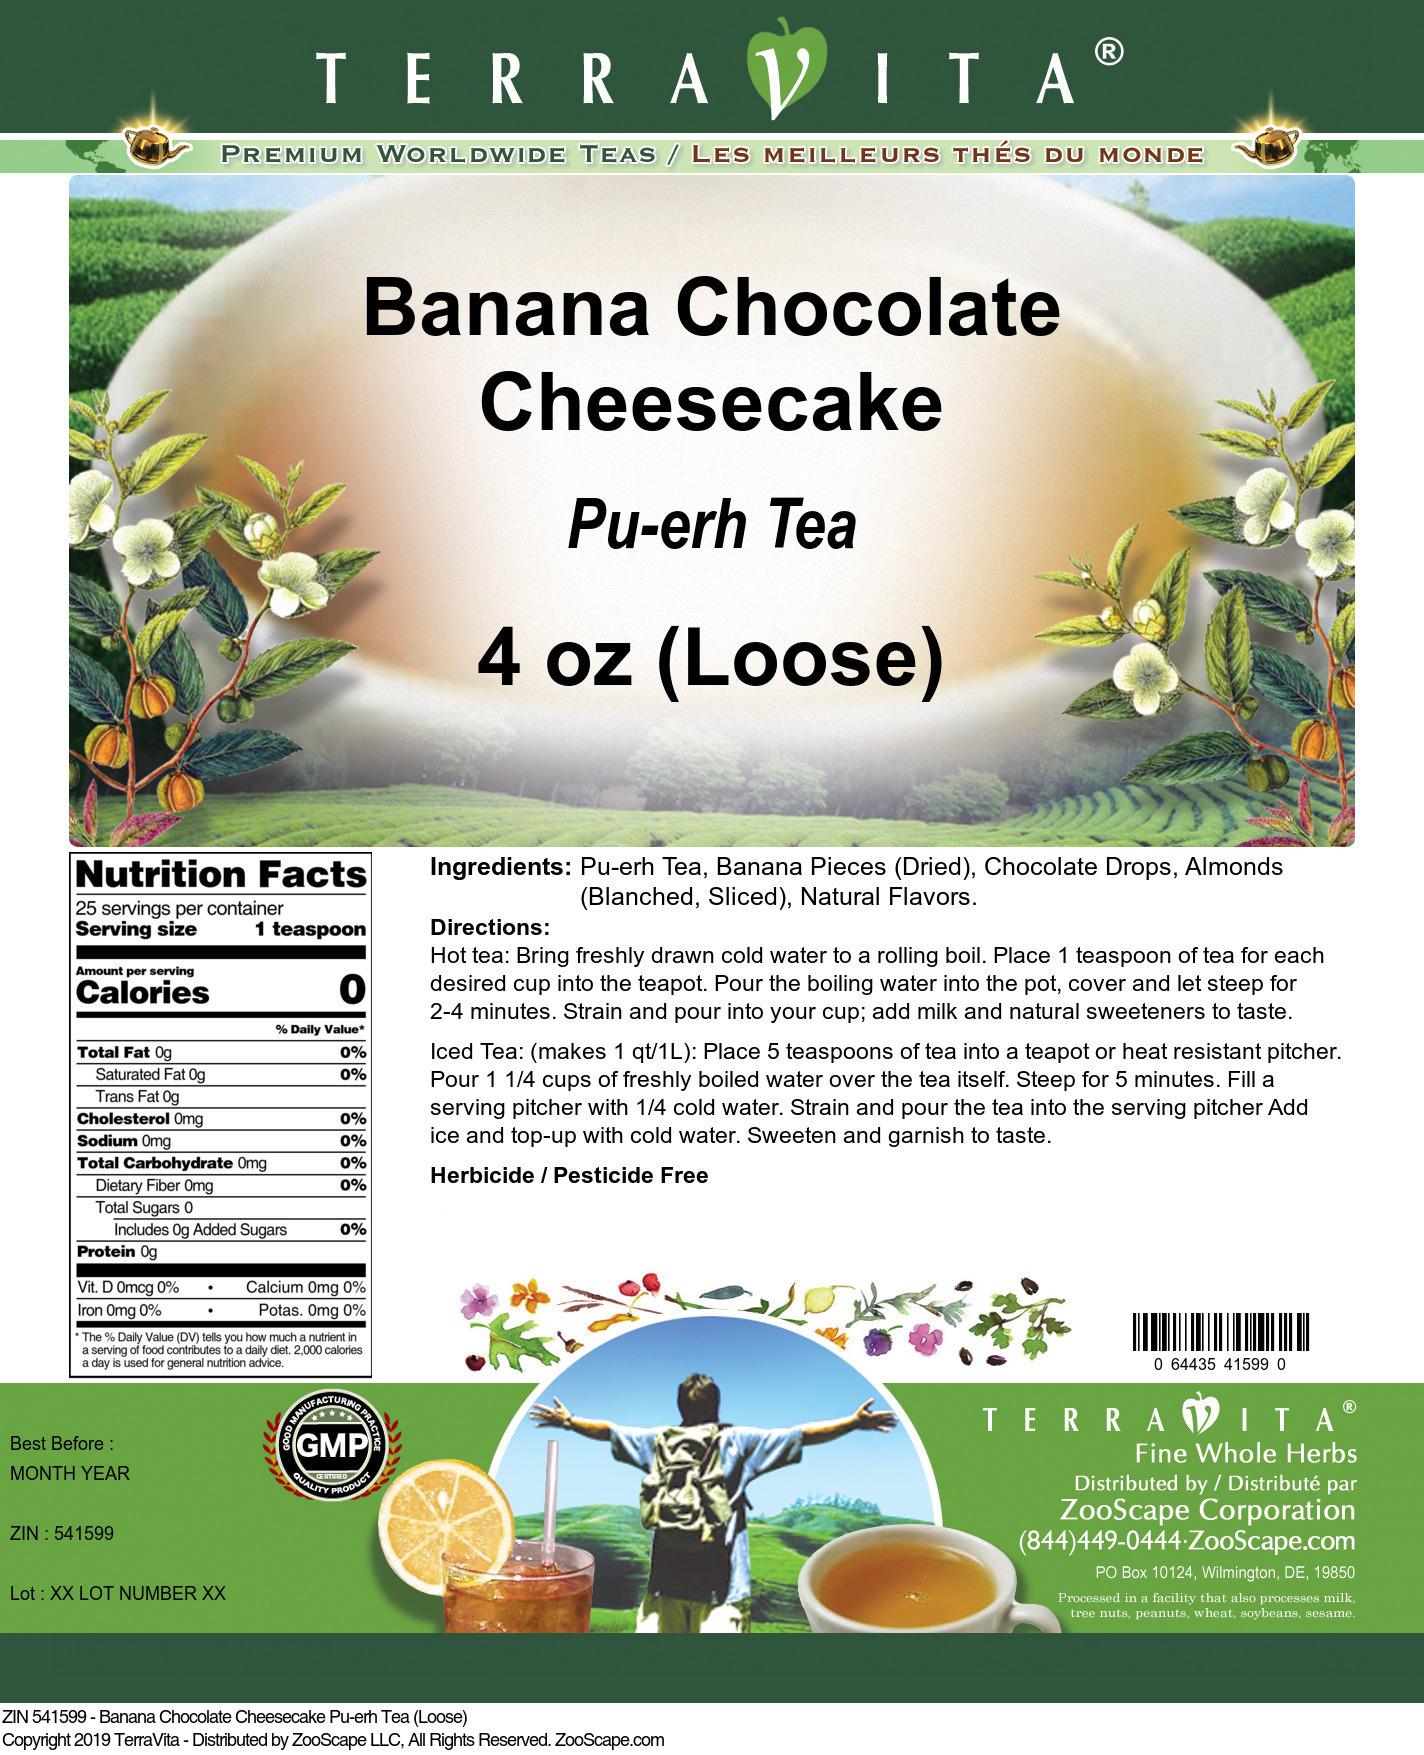 Banana Chocolate Cheesecake Pu-erh Tea (Loose)